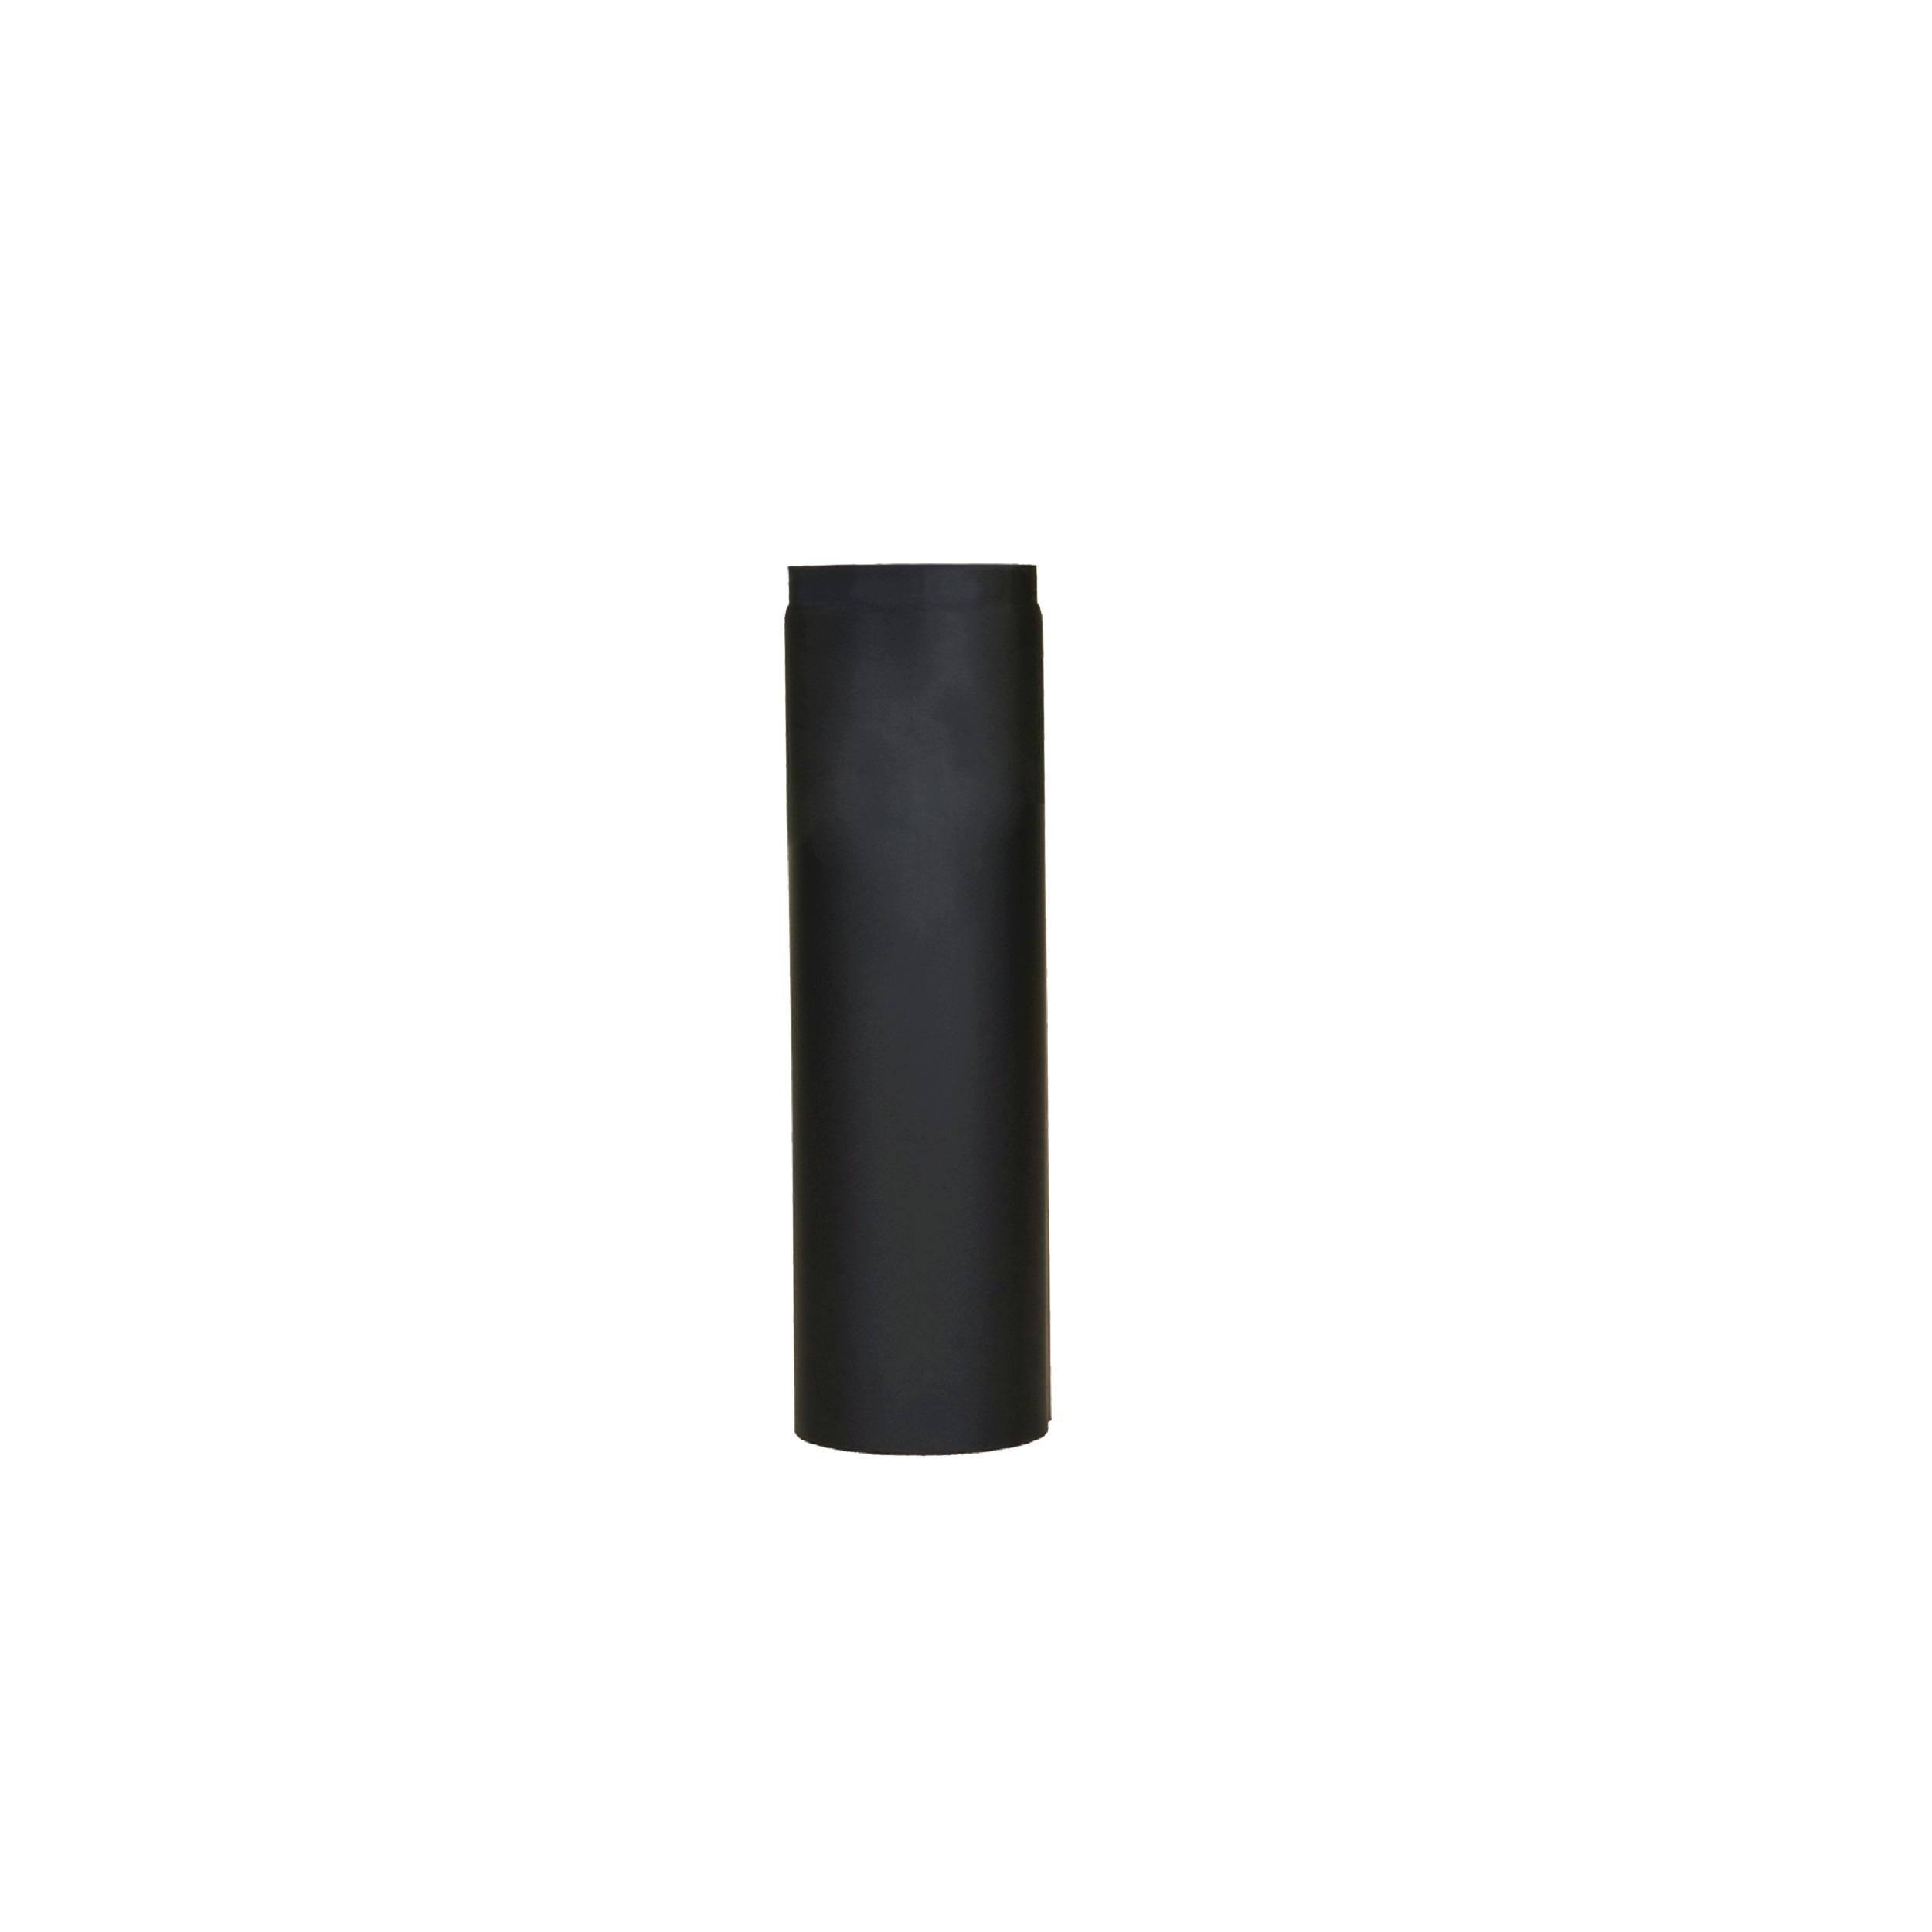 Livin' flame rechte kachelpijp 50cm zwart